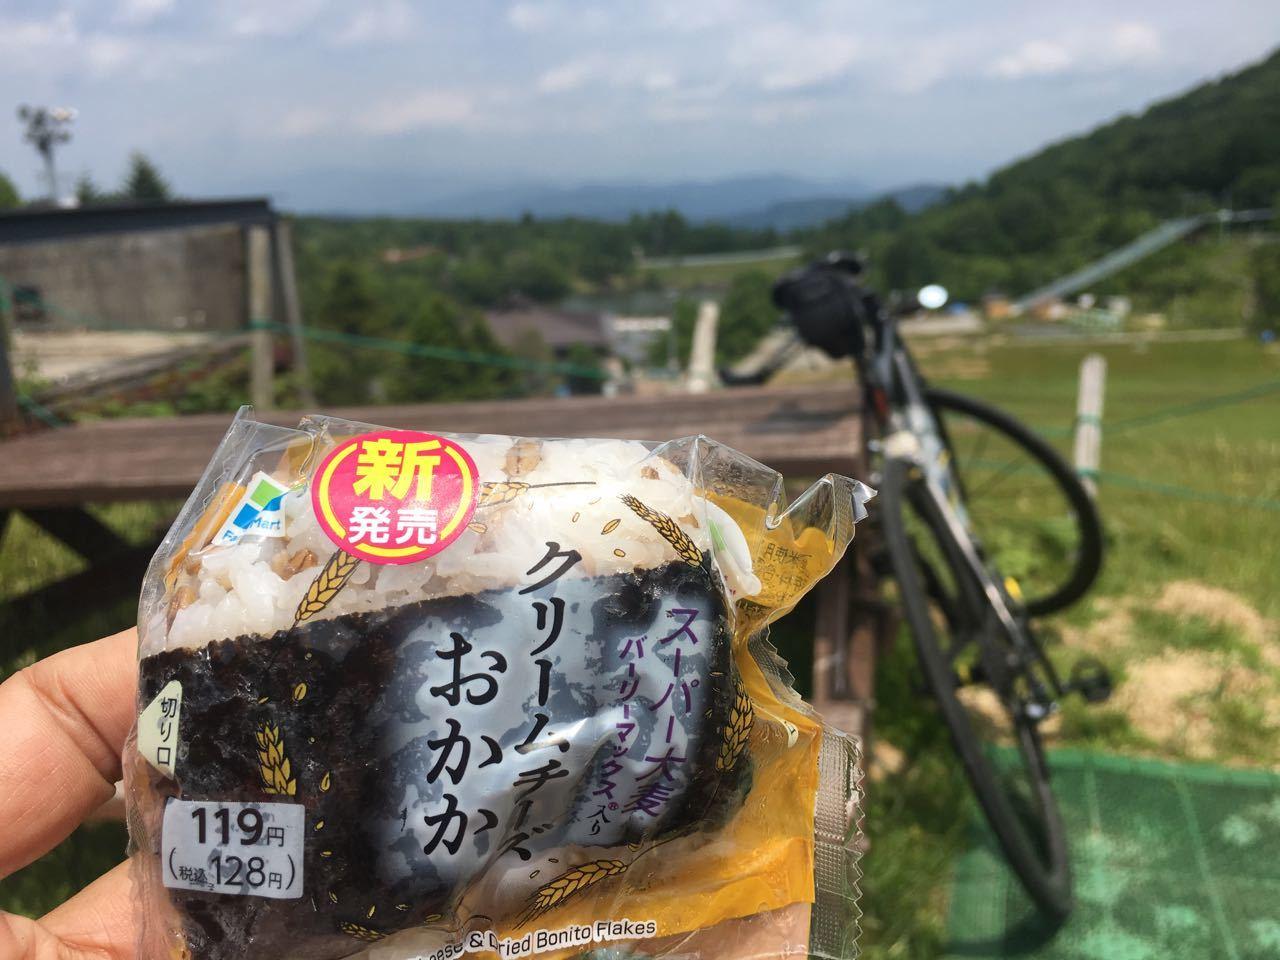 2019.06.19「2日間」_c0197974_04484010.jpg